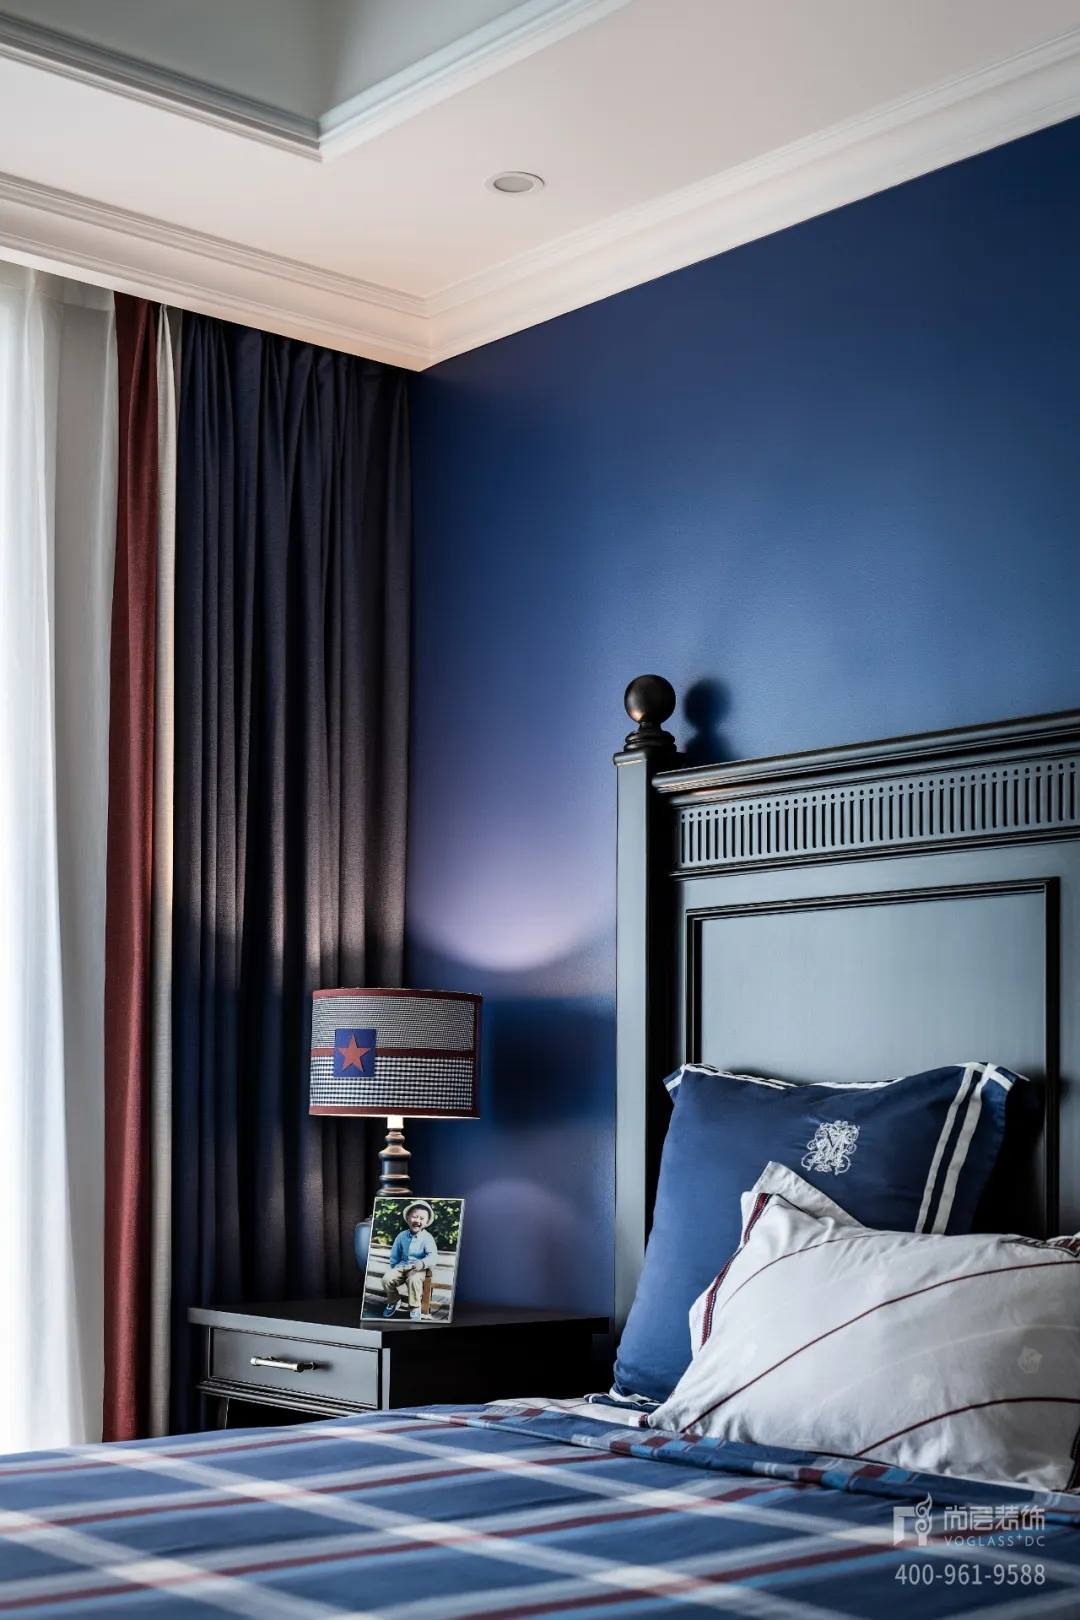 尚层装饰实景装修案例主卧室床头柜装修调